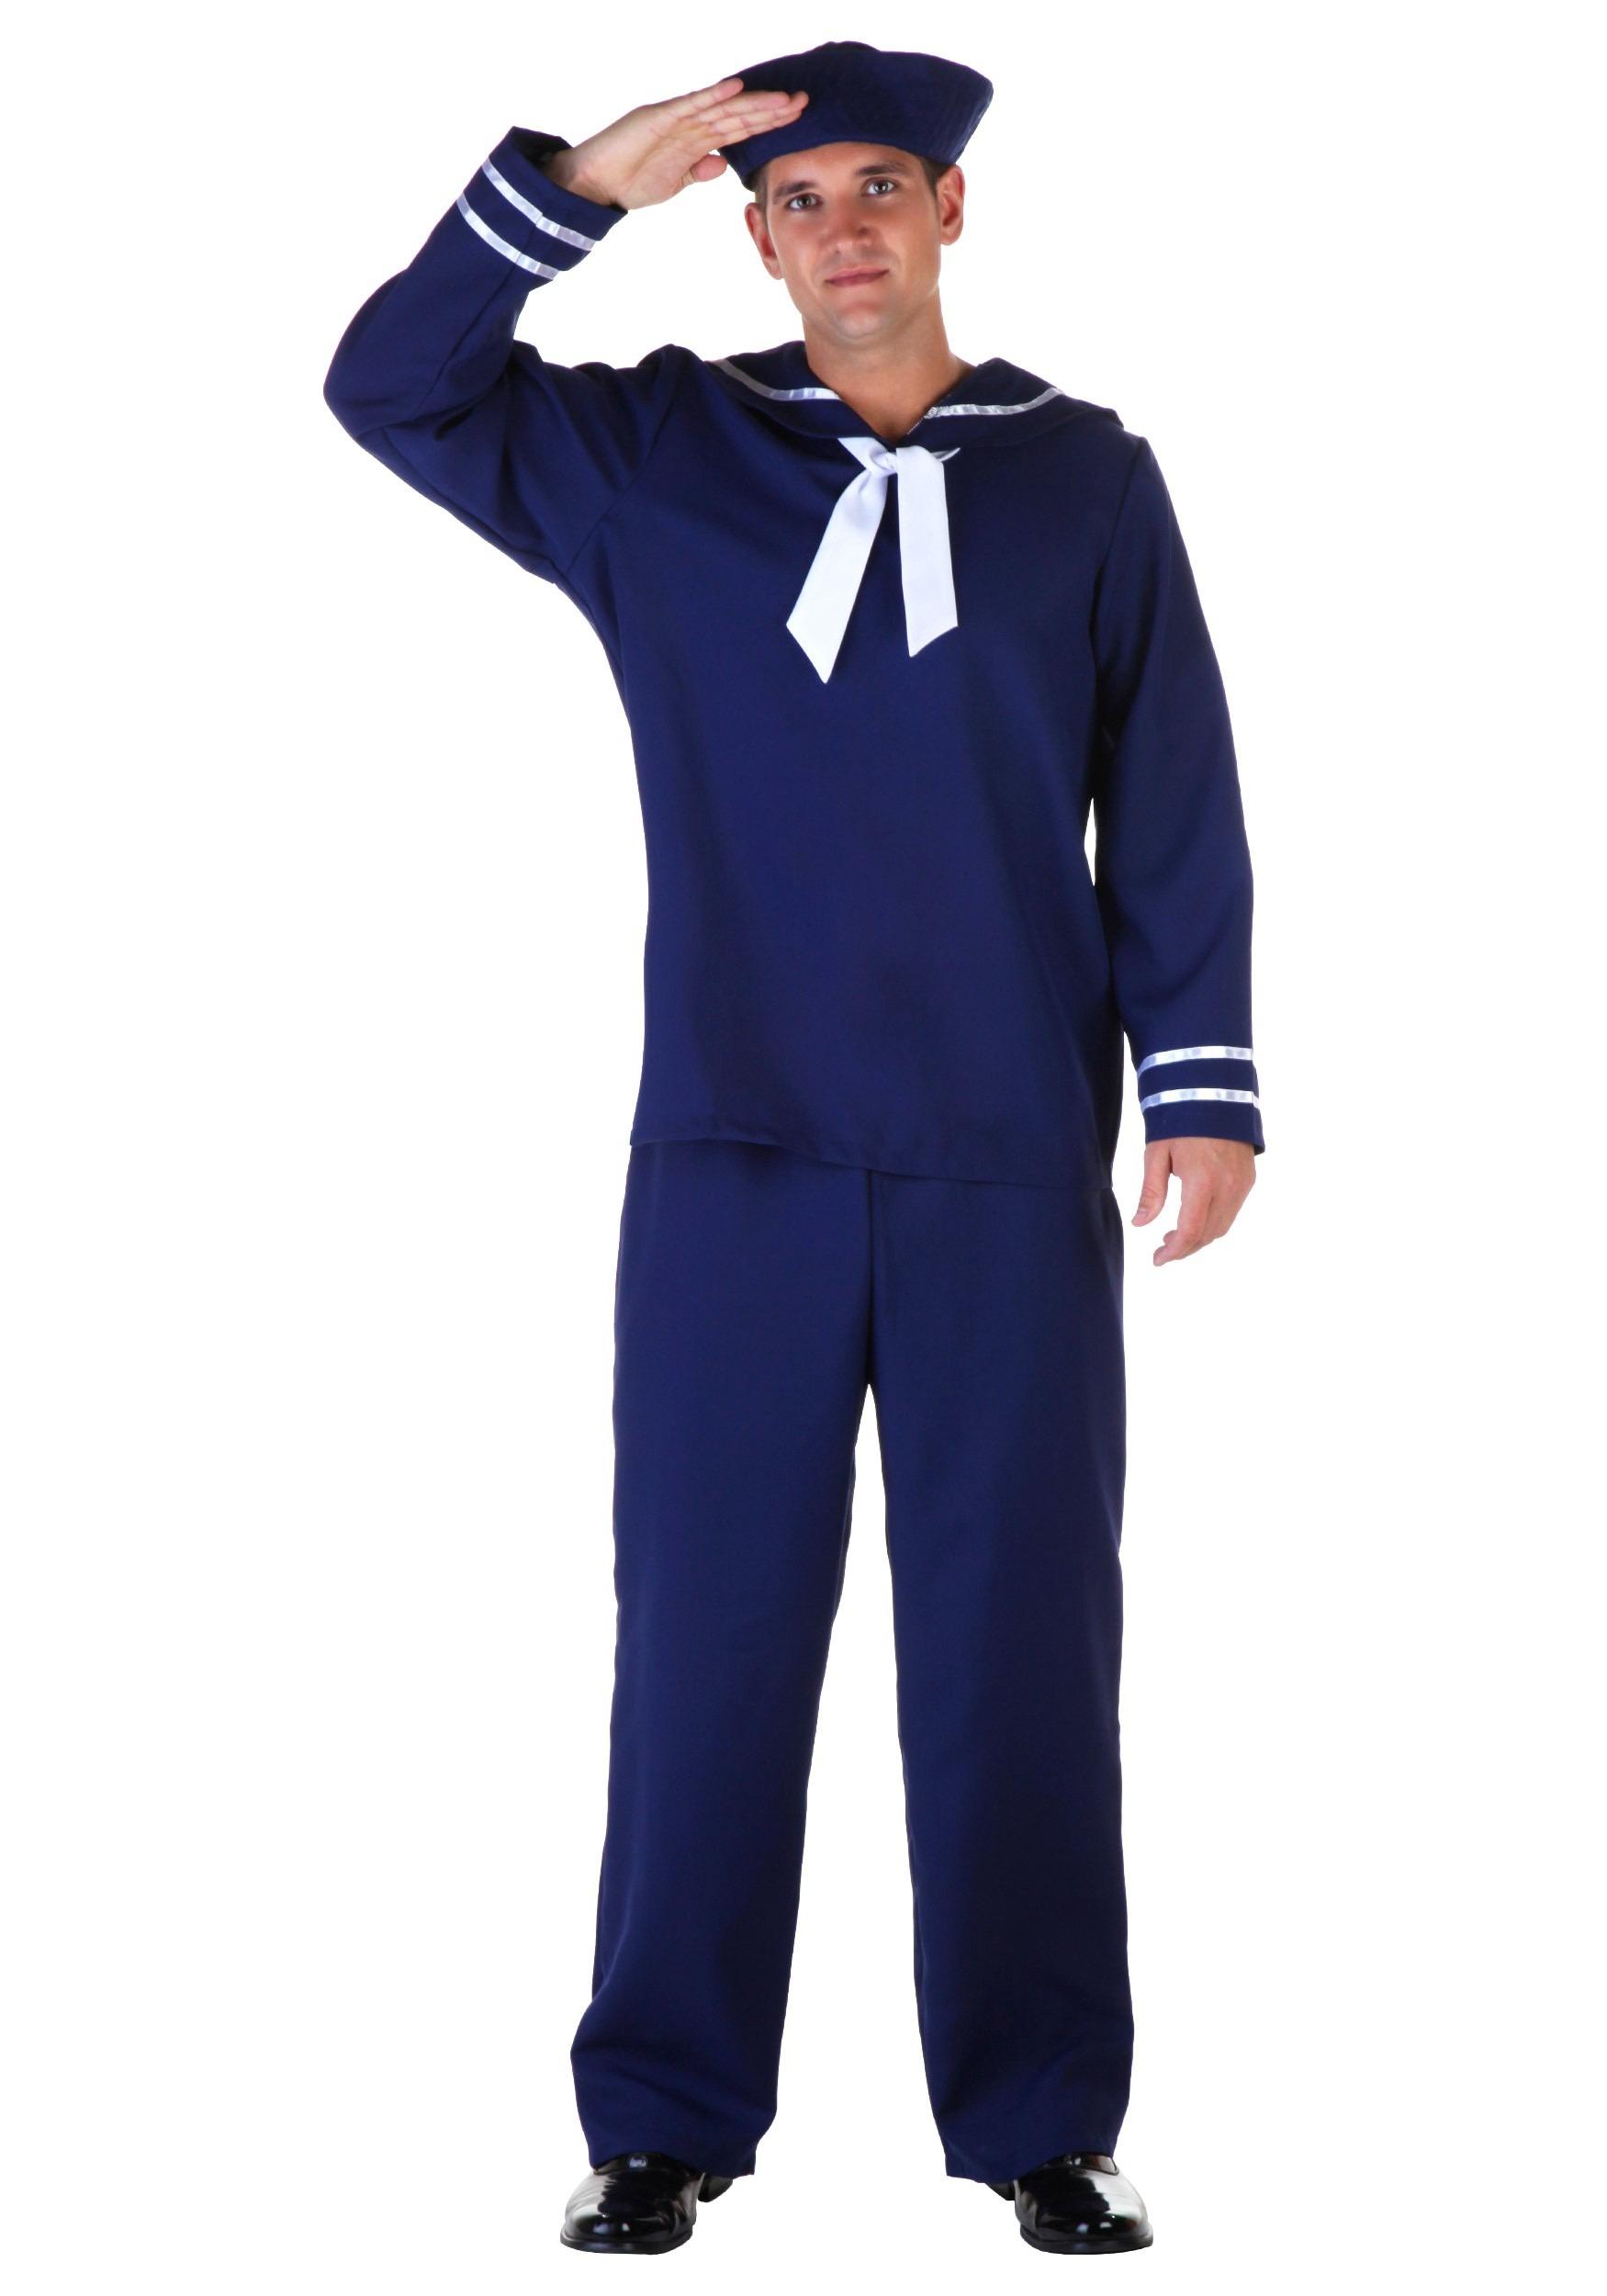 Adult blue sailor costume solutioingenieria Gallery